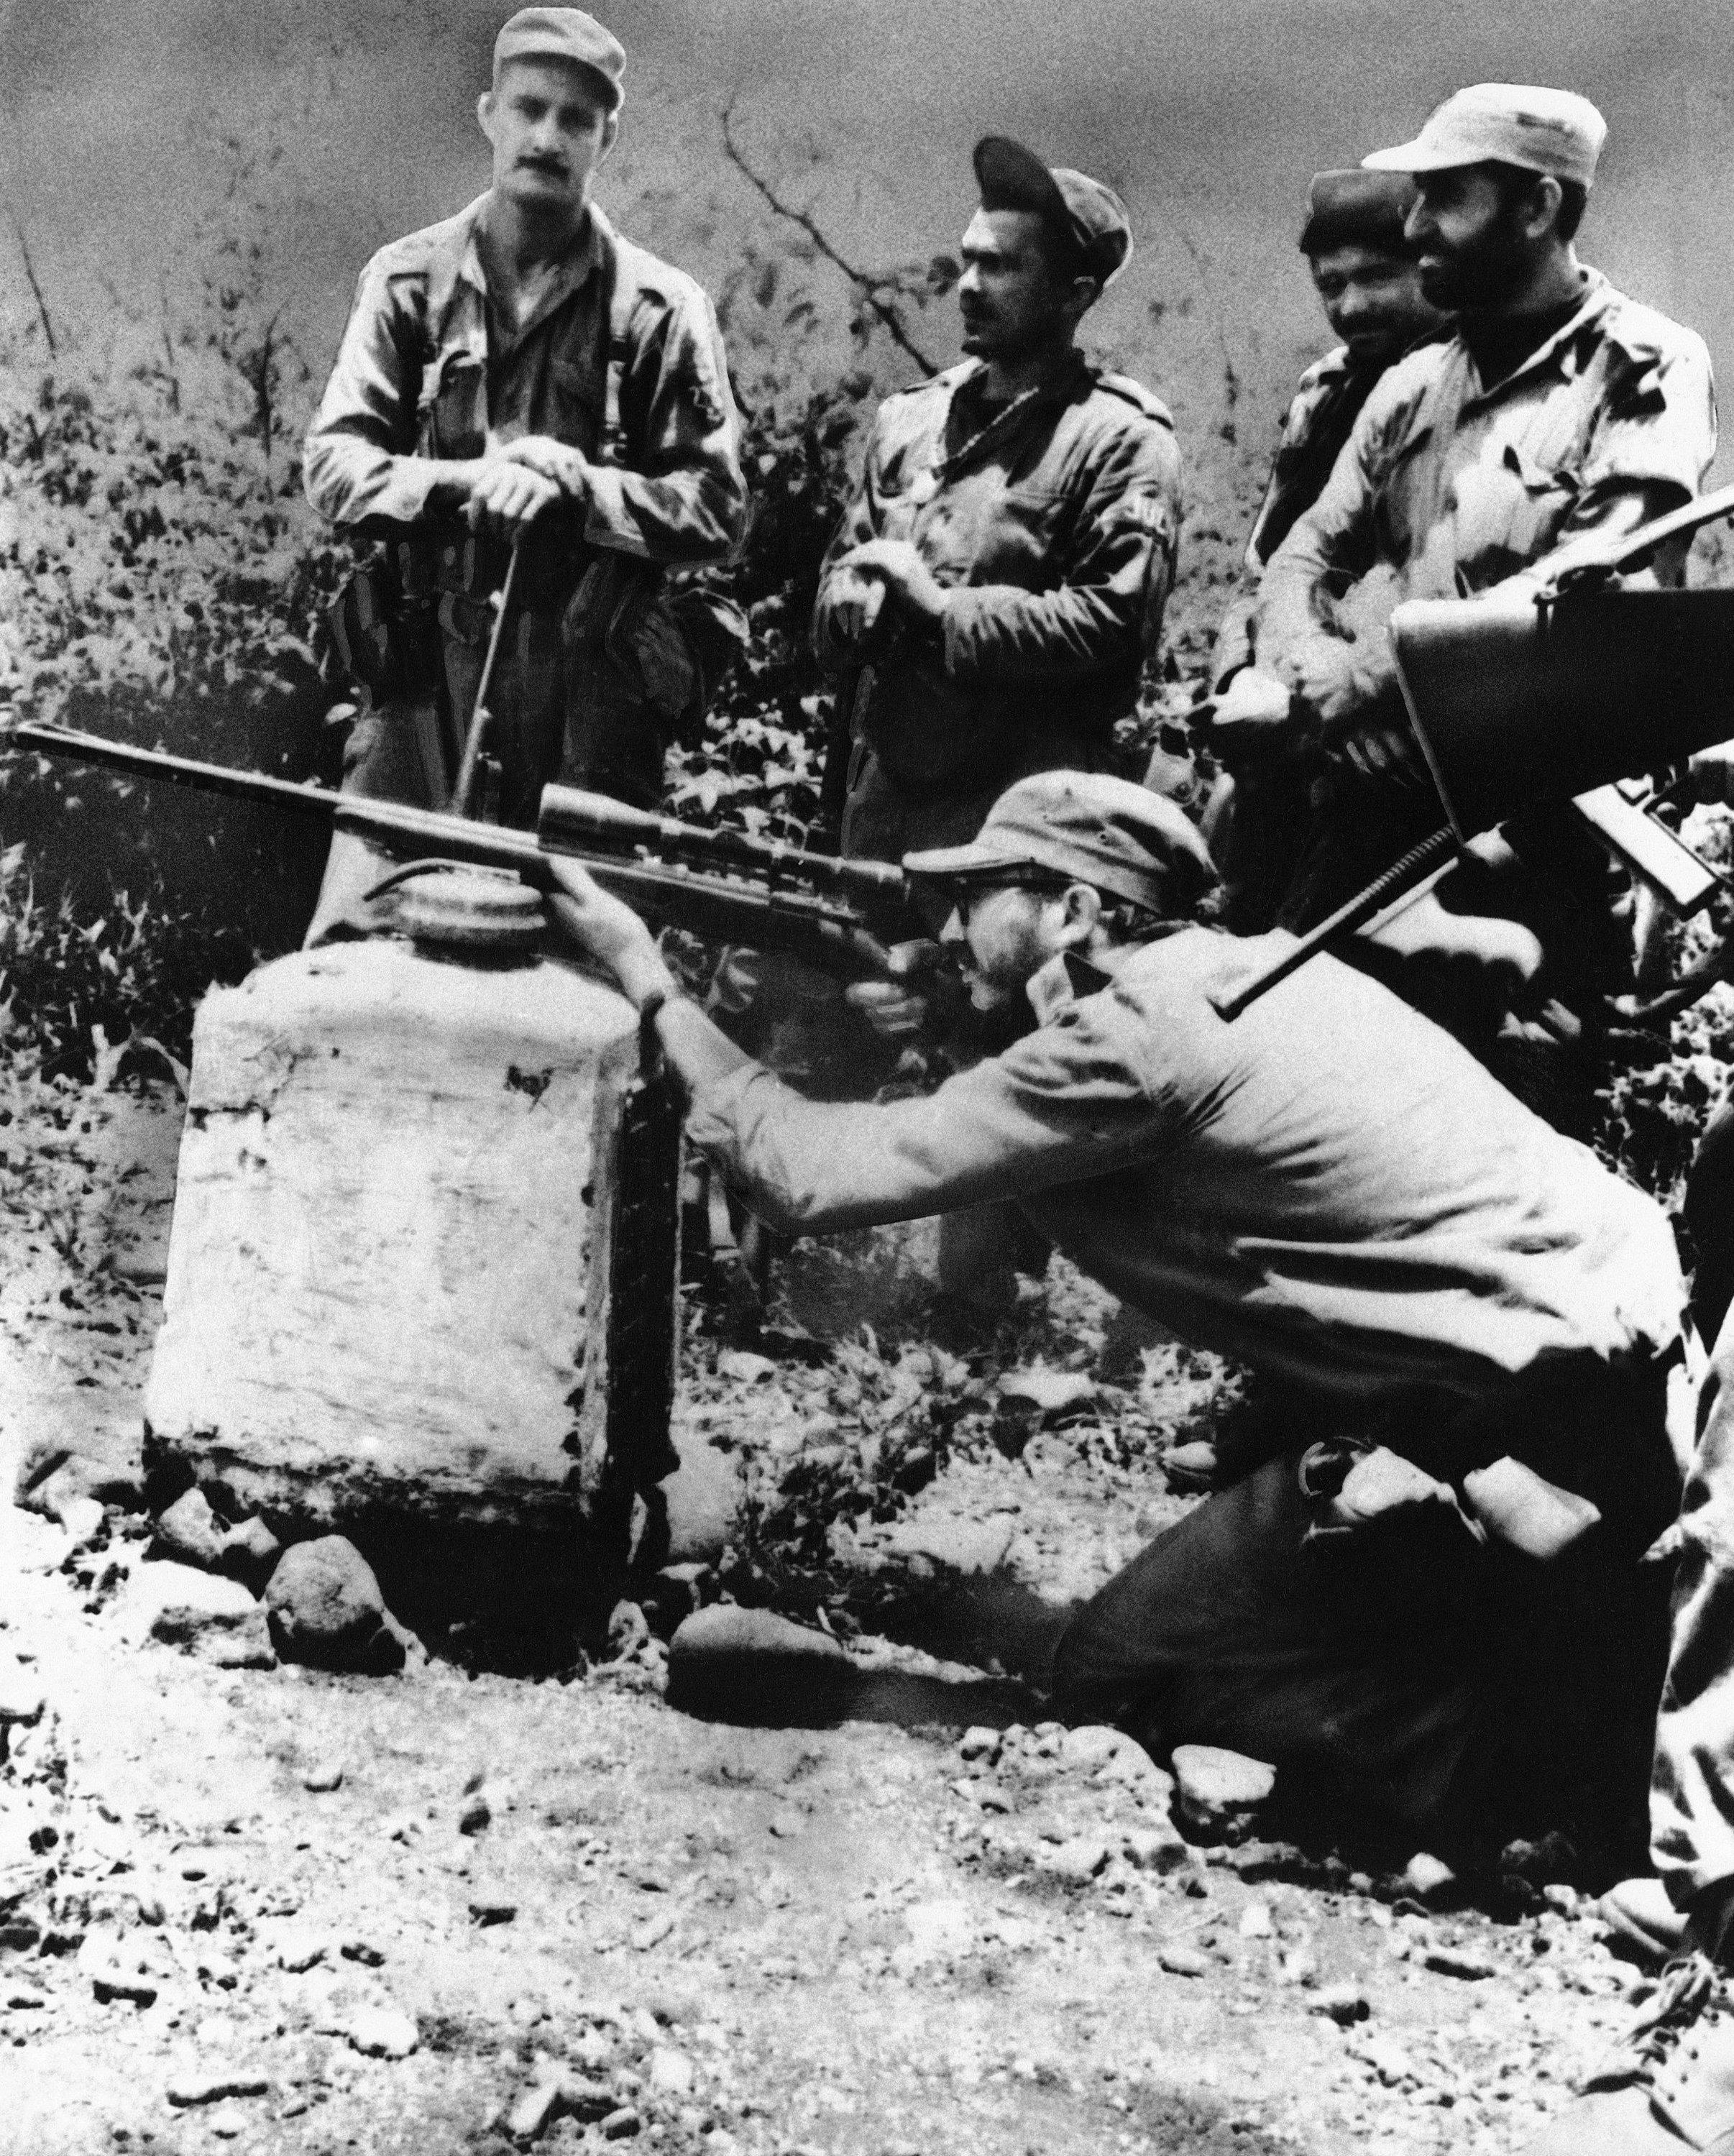 El líder rebelde Fidel Castro en una práctica de tiro con un rifle M-1 con mira telescópica en la Sierra Maestra